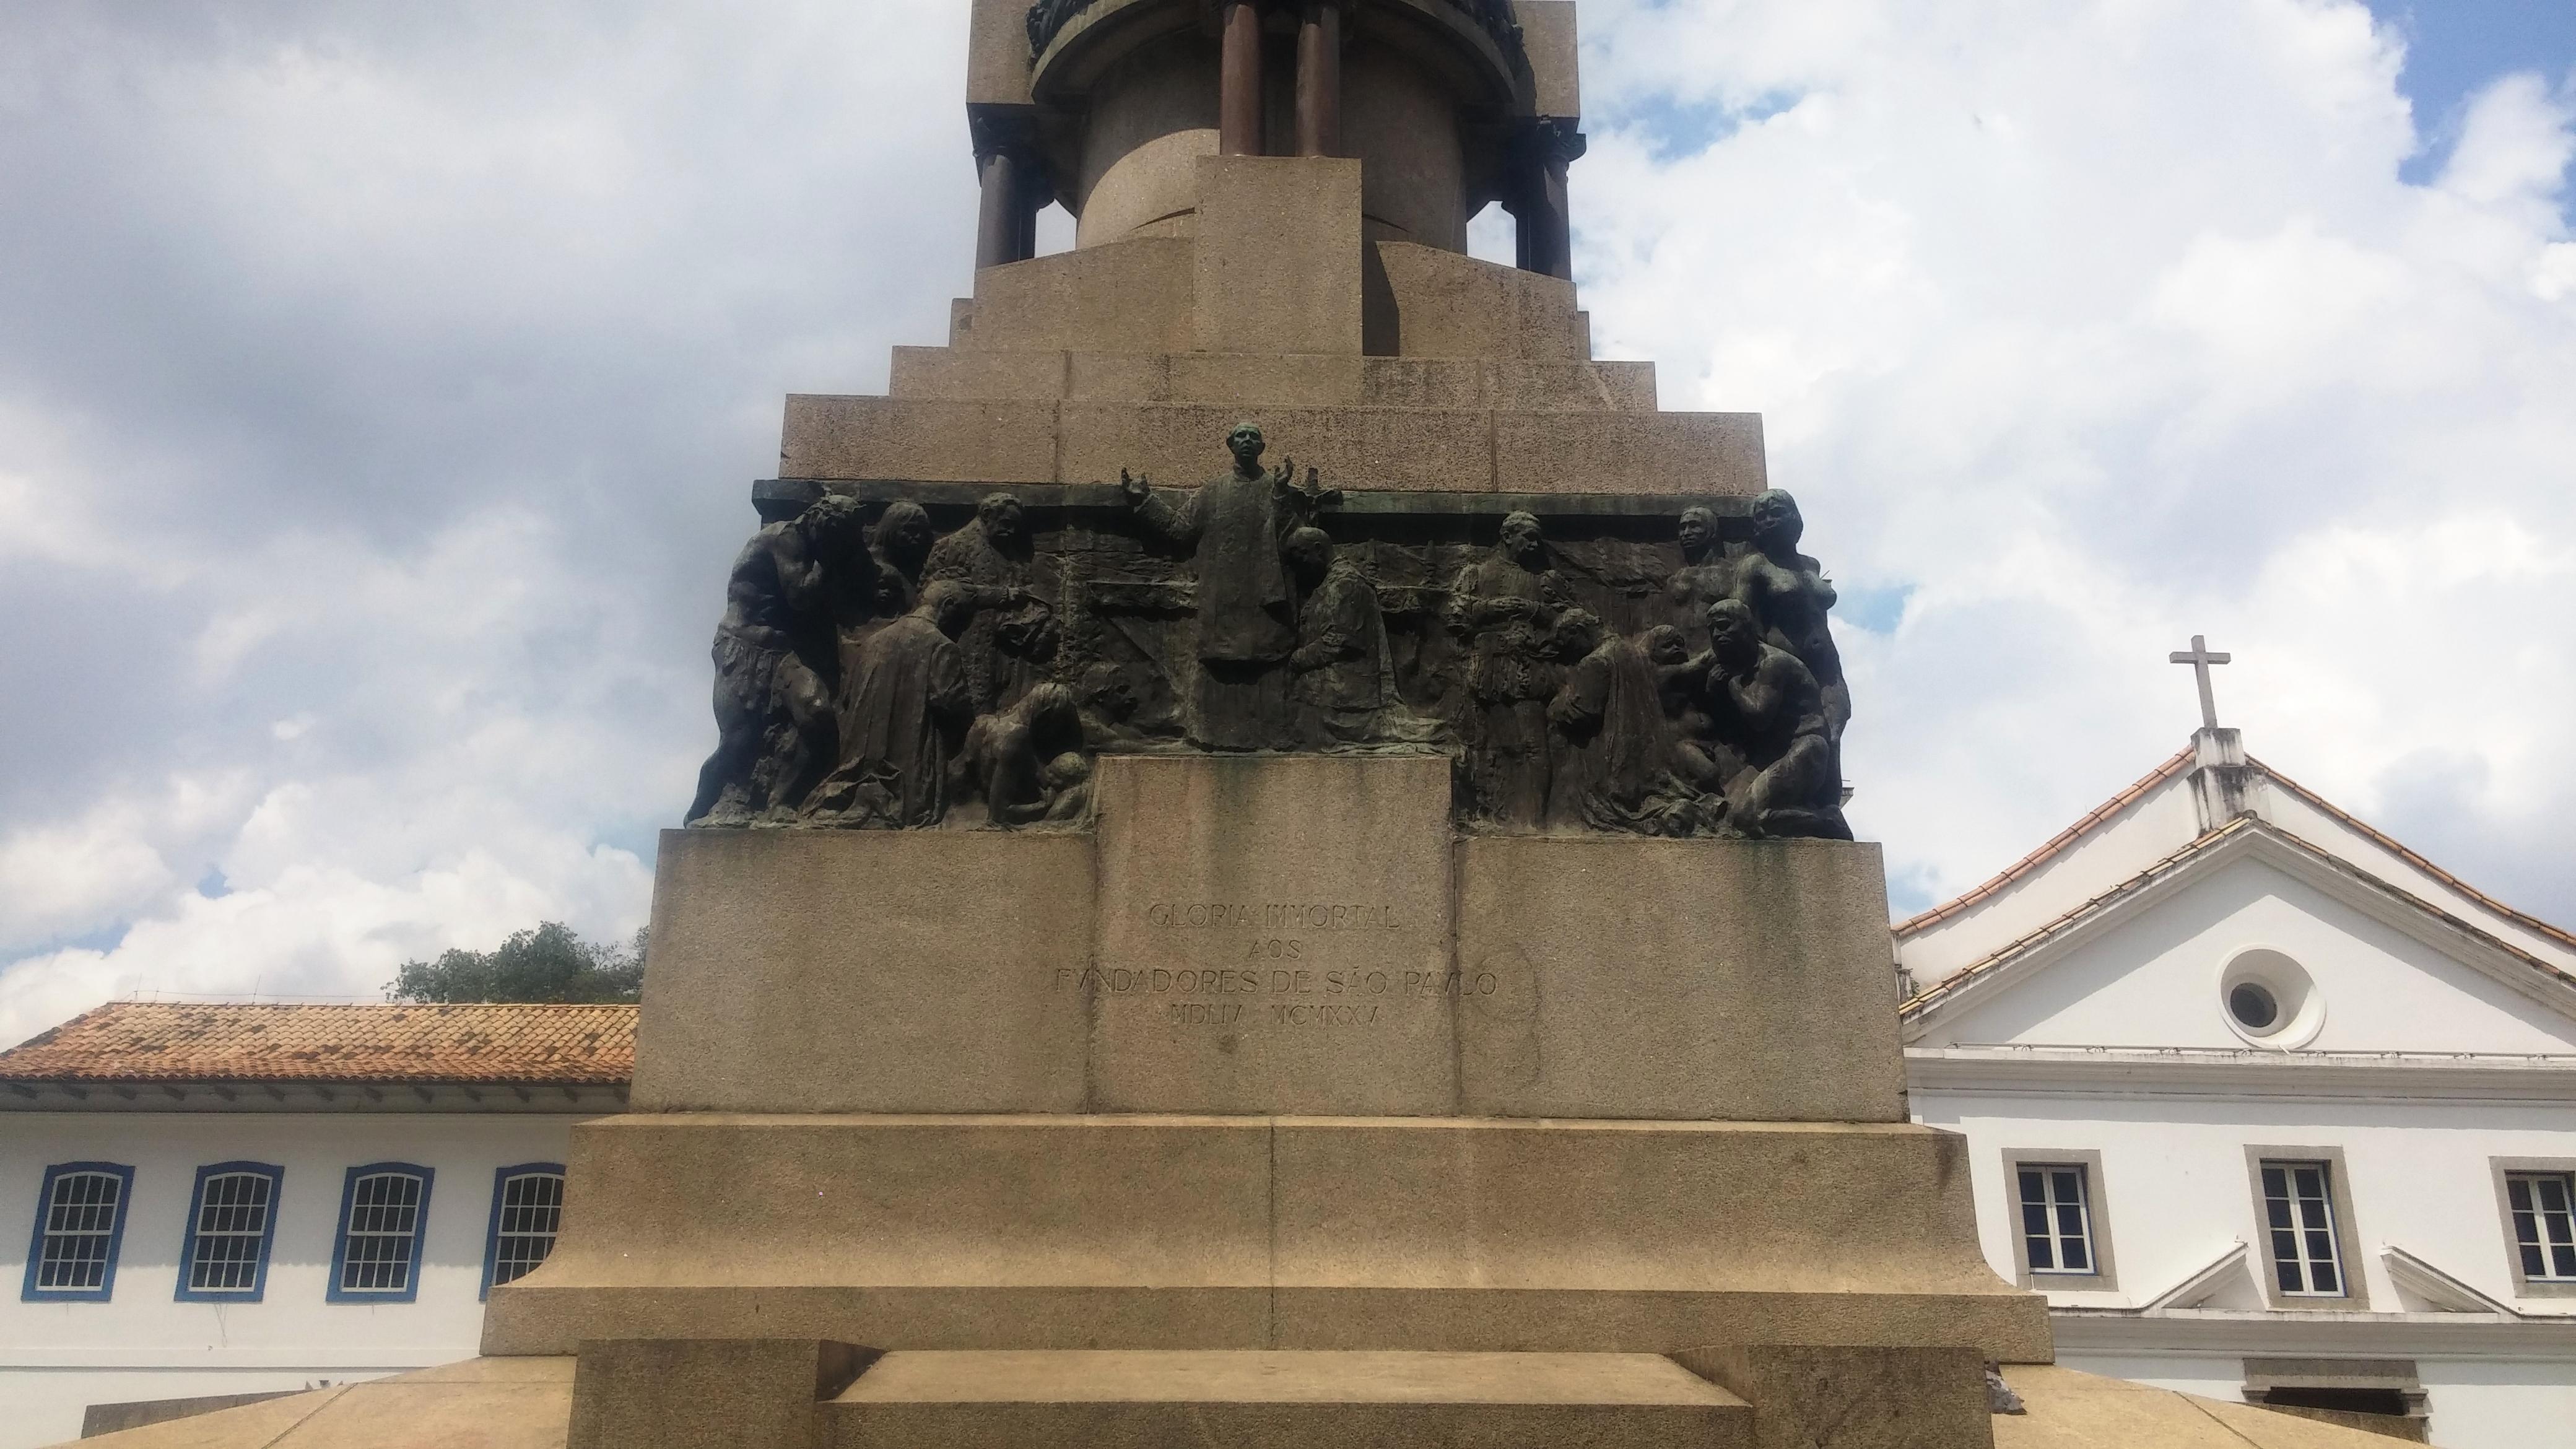 Monumento Fundação de São Paulo